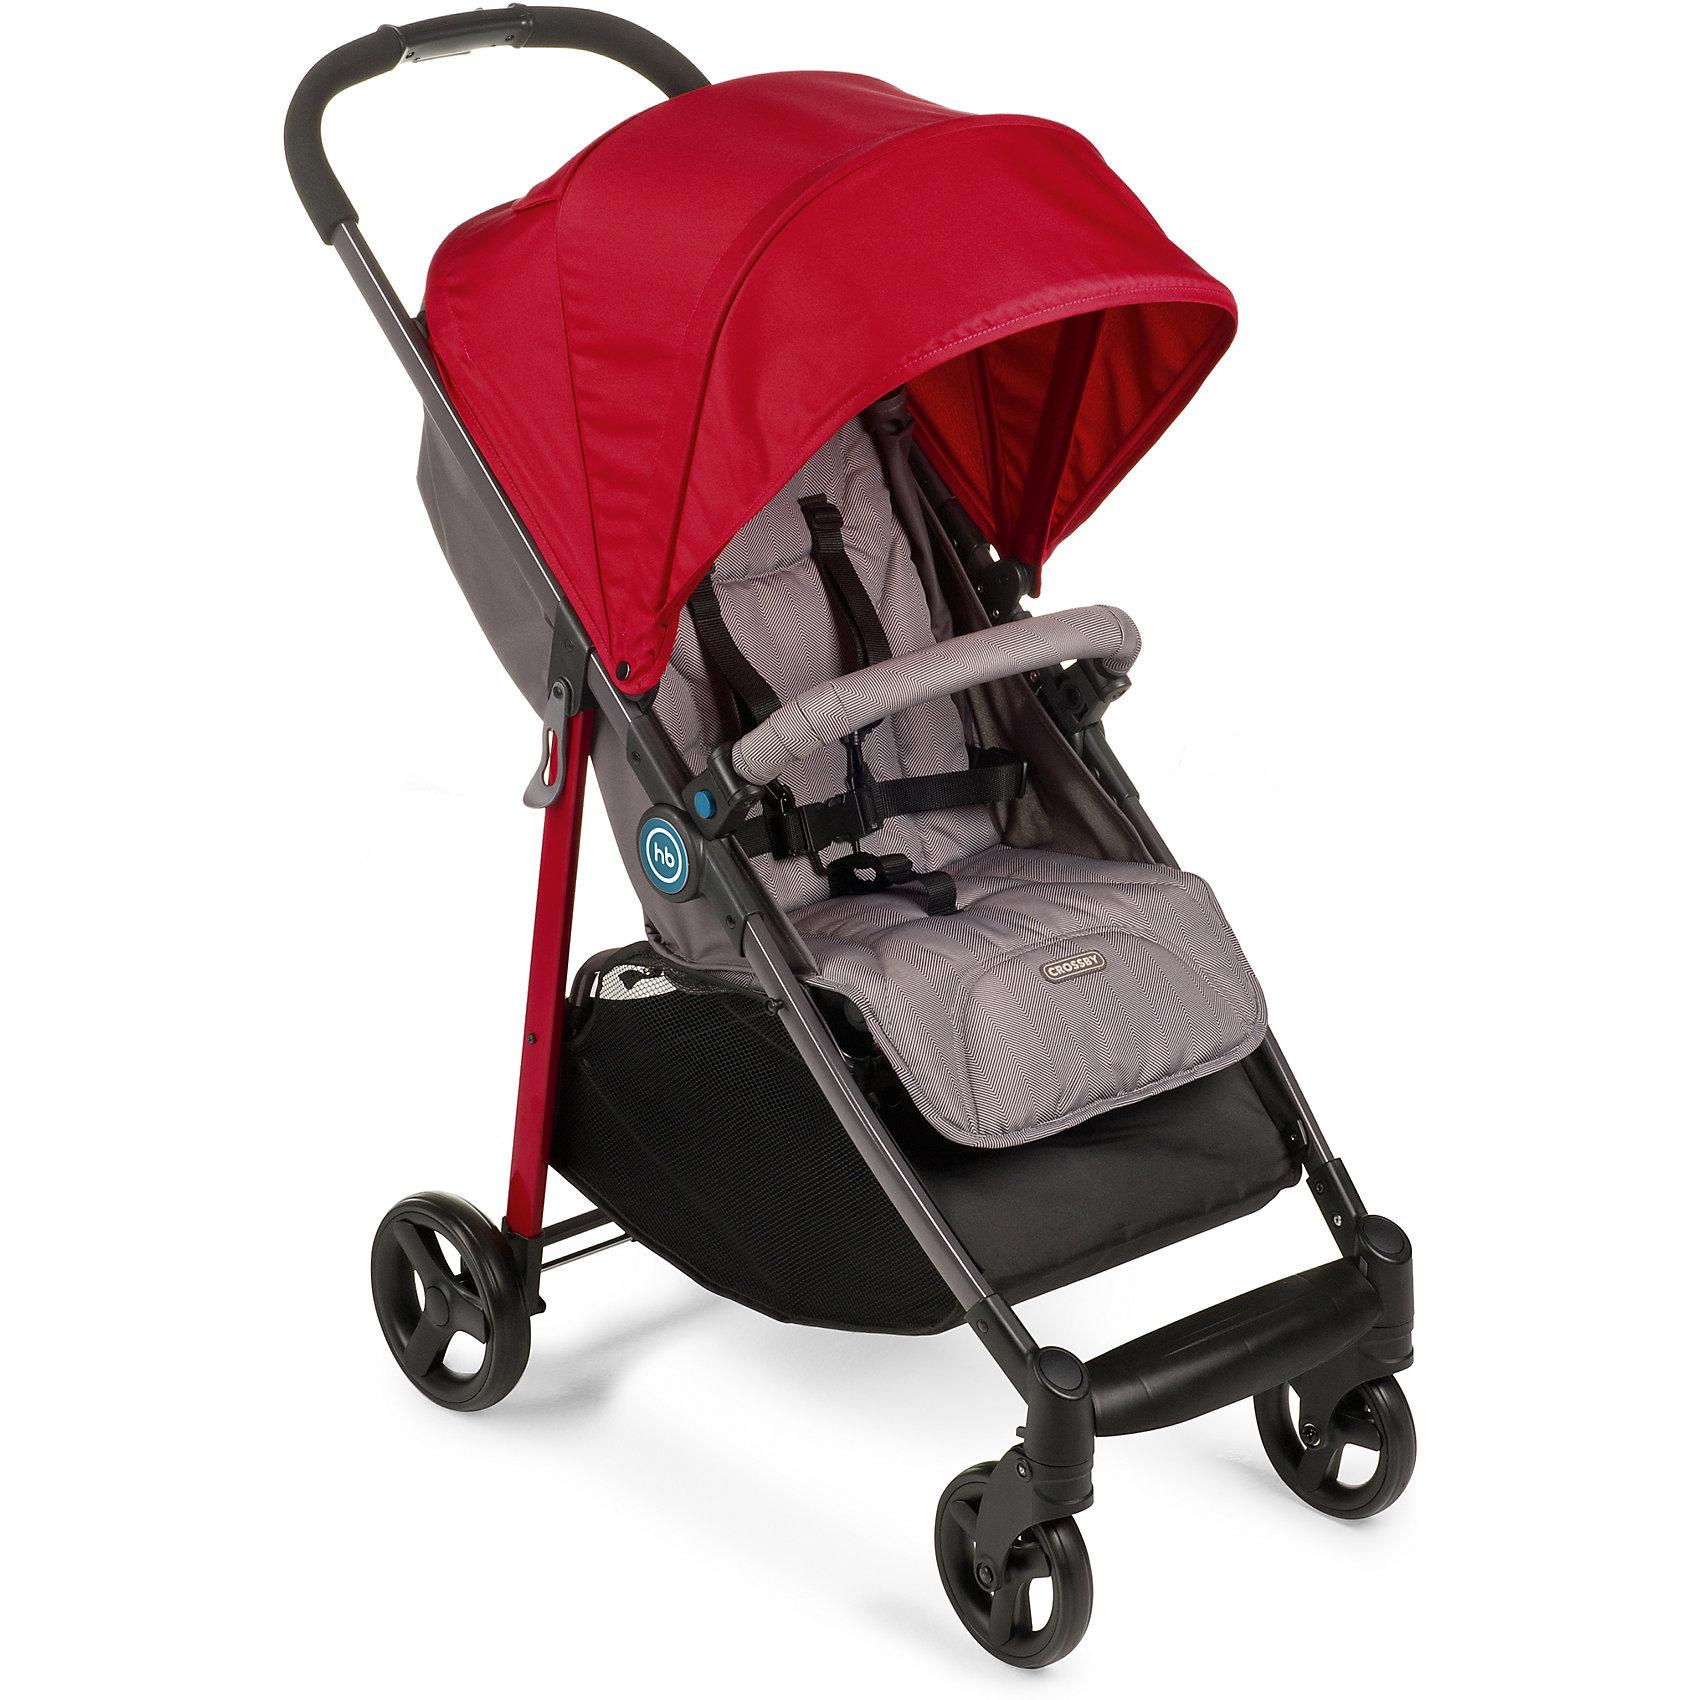 Прогулочная коляска Happy Baby Crossby, красныйПрогулочные коляски для лета<br>Модель CROSSBY создана в минималистичном стиле, при этом сочетая в себе максимально необходимое количество характеристик для комфортных прогулок и путешествий. Благодаря амортизация на передних и задних колесах, CROSSBY способна передвигаться по любой дороге, включая не глубокий снег. Эта всесезонная коляска укомплектована чехлом на ножки, дождевиком и москитной сеткой. Имеет широкое сиденье с возможностью плавной регулировки угла наклона спинки, большой капюшон со смотровым окошком, вместительную корзину для покупок. Обивка коляски выполнена из современных высокотехнологичных тканей, что создает дополнительный комфорт для ребенка и мамы.<br><br>Ширина мм: 830<br>Глубина мм: 210<br>Высота мм: 445<br>Вес г: 10050<br>Возраст от месяцев: 7<br>Возраст до месяцев: 36<br>Пол: Унисекс<br>Возраст: Детский<br>SKU: 5620085